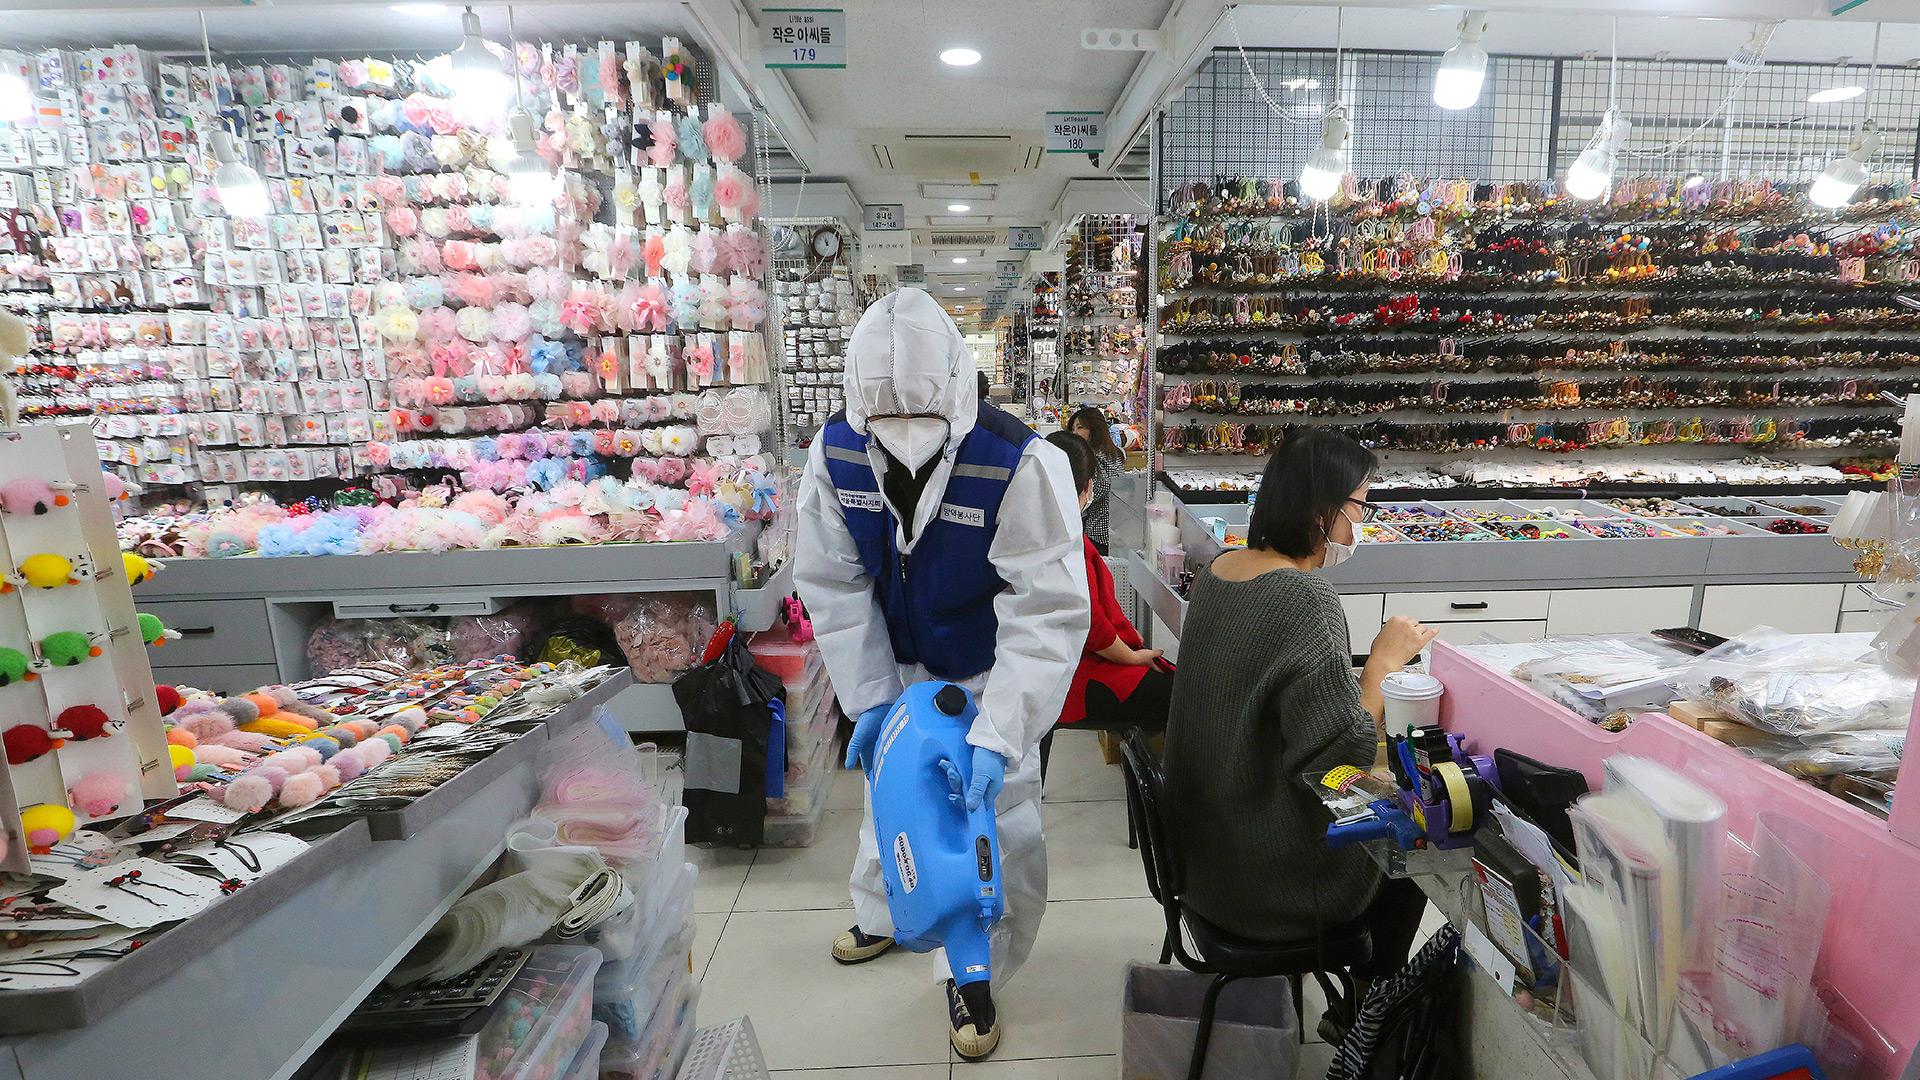 Un trabajador con engranajes protectores rocía desinfectante dentro de una tienda como medida de precaución contra un nuevo coronavirus en el mercado de Namdaemun en Seúl, Corea del Sur (AP / Ahn Young-joon)